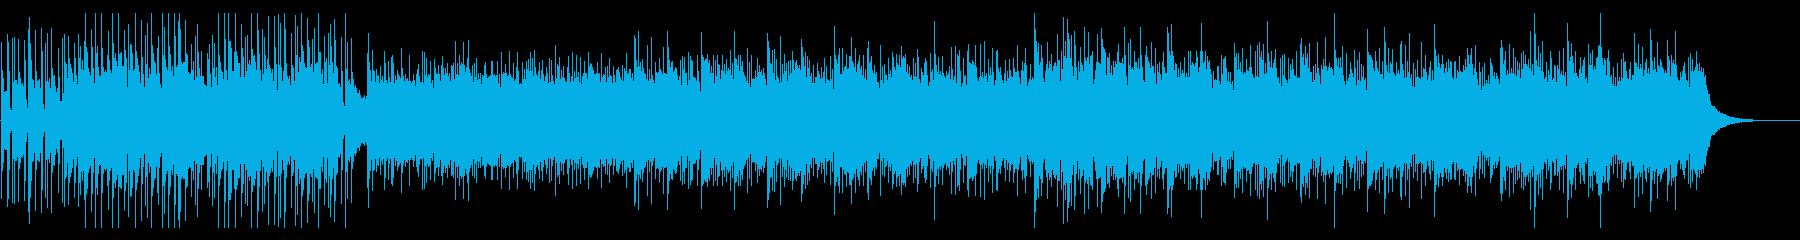 ウクレレEDM企業VP会社紹介 2分の再生済みの波形